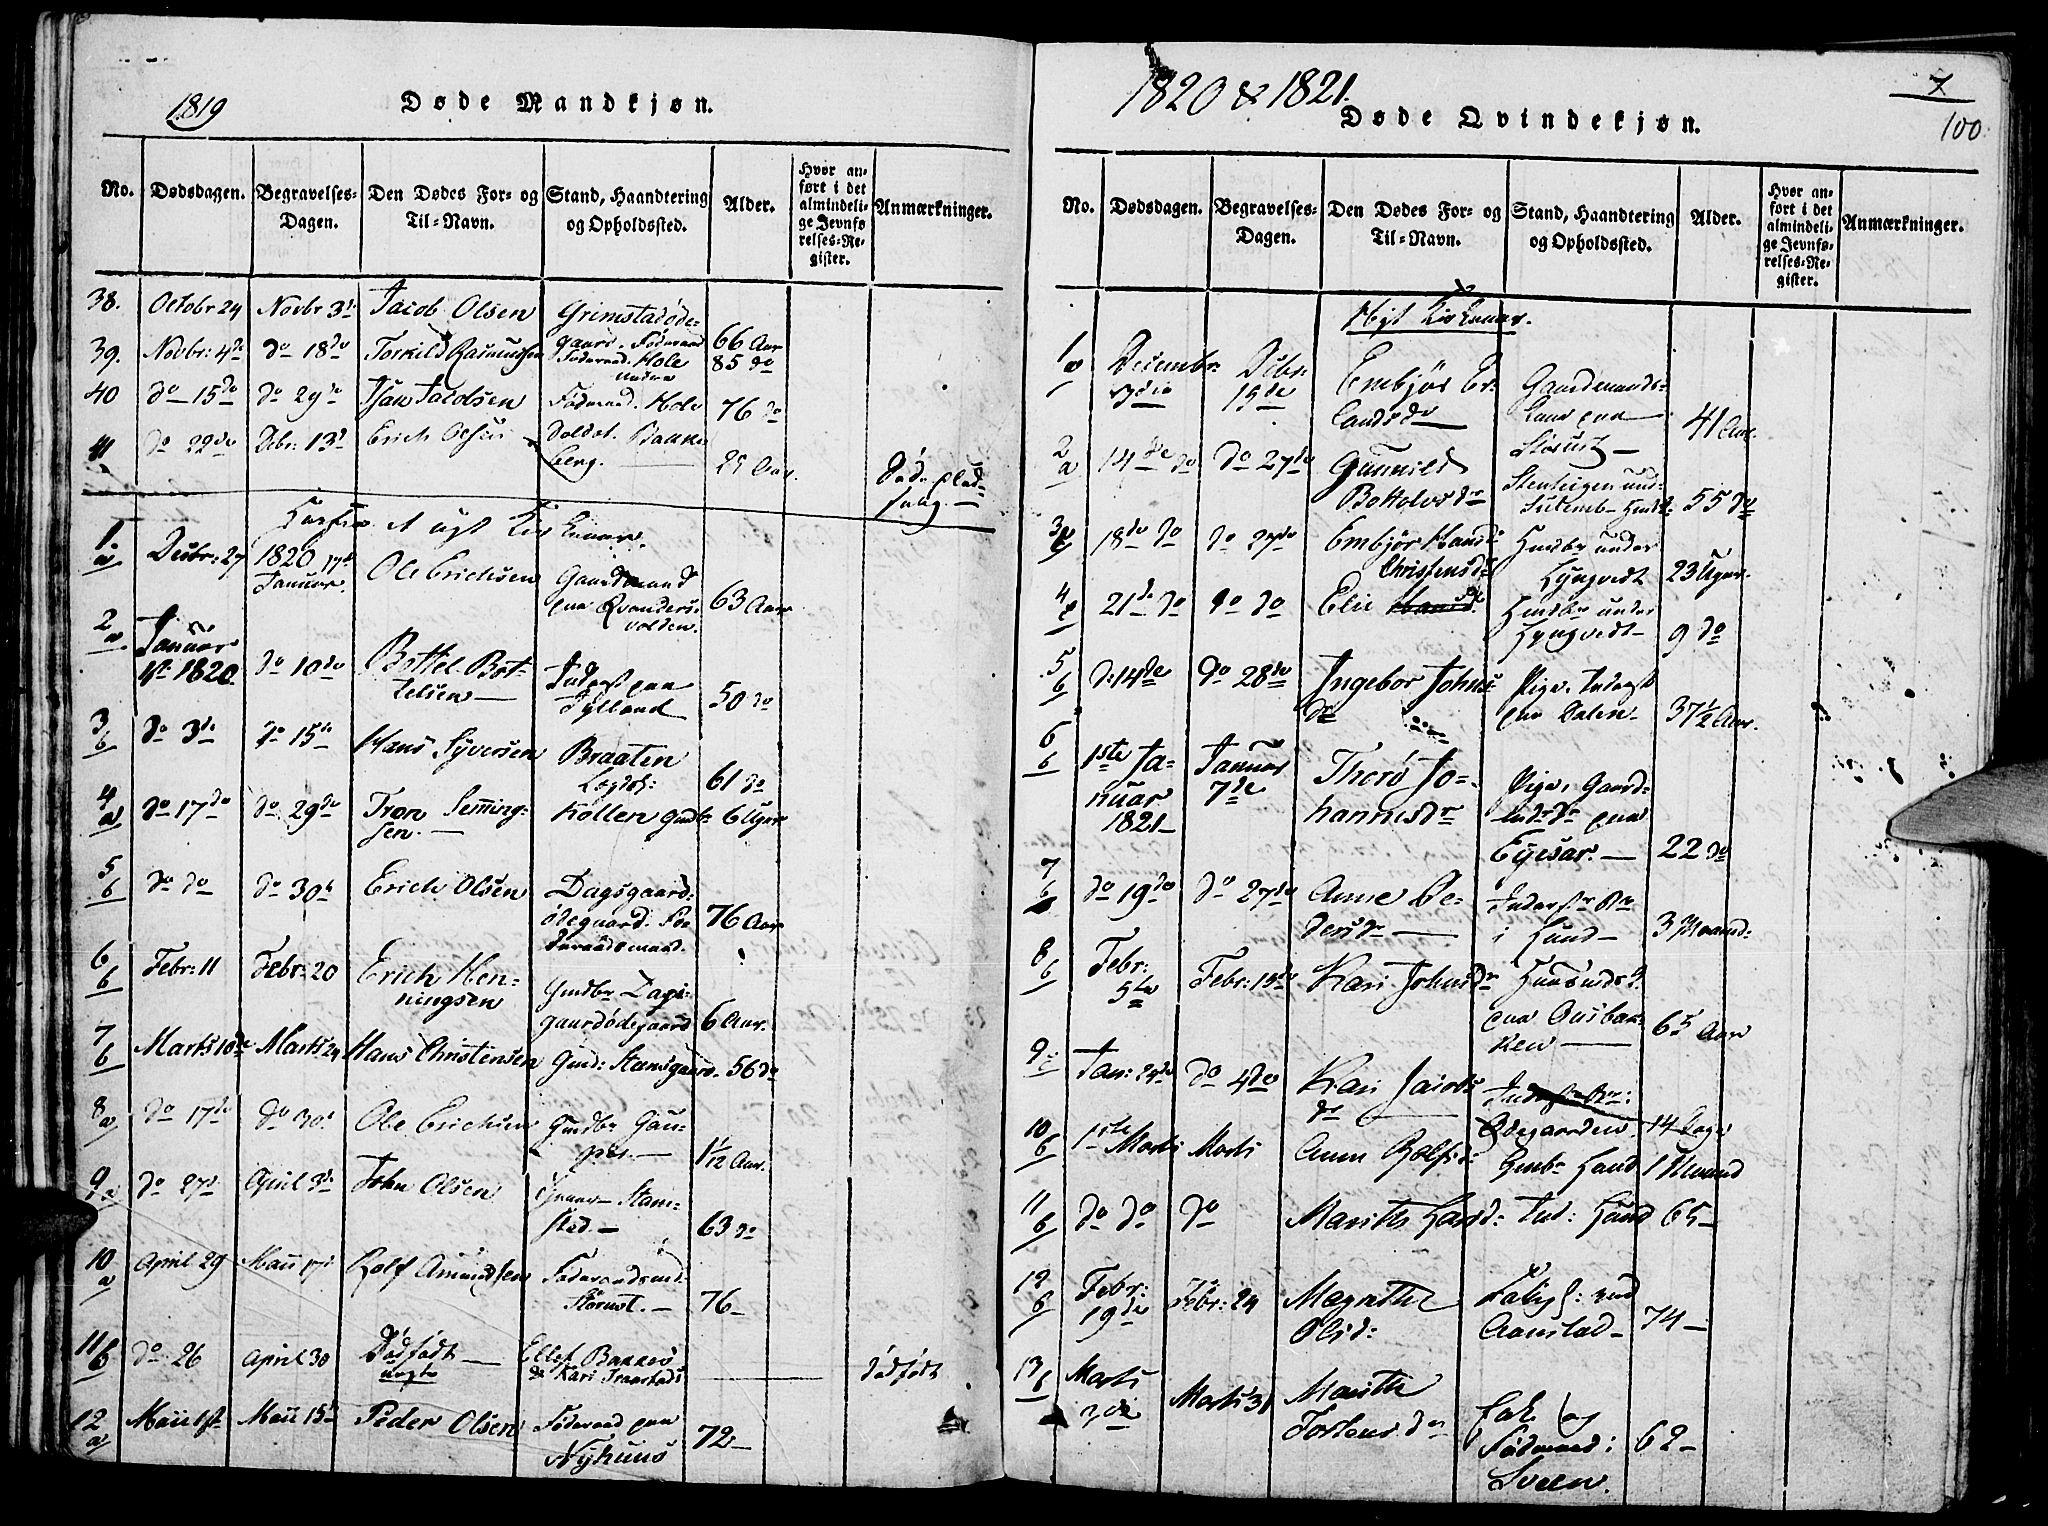 SAH, Lom prestekontor, K/L0004: Ministerialbok nr. 4, 1815-1825, s. 100